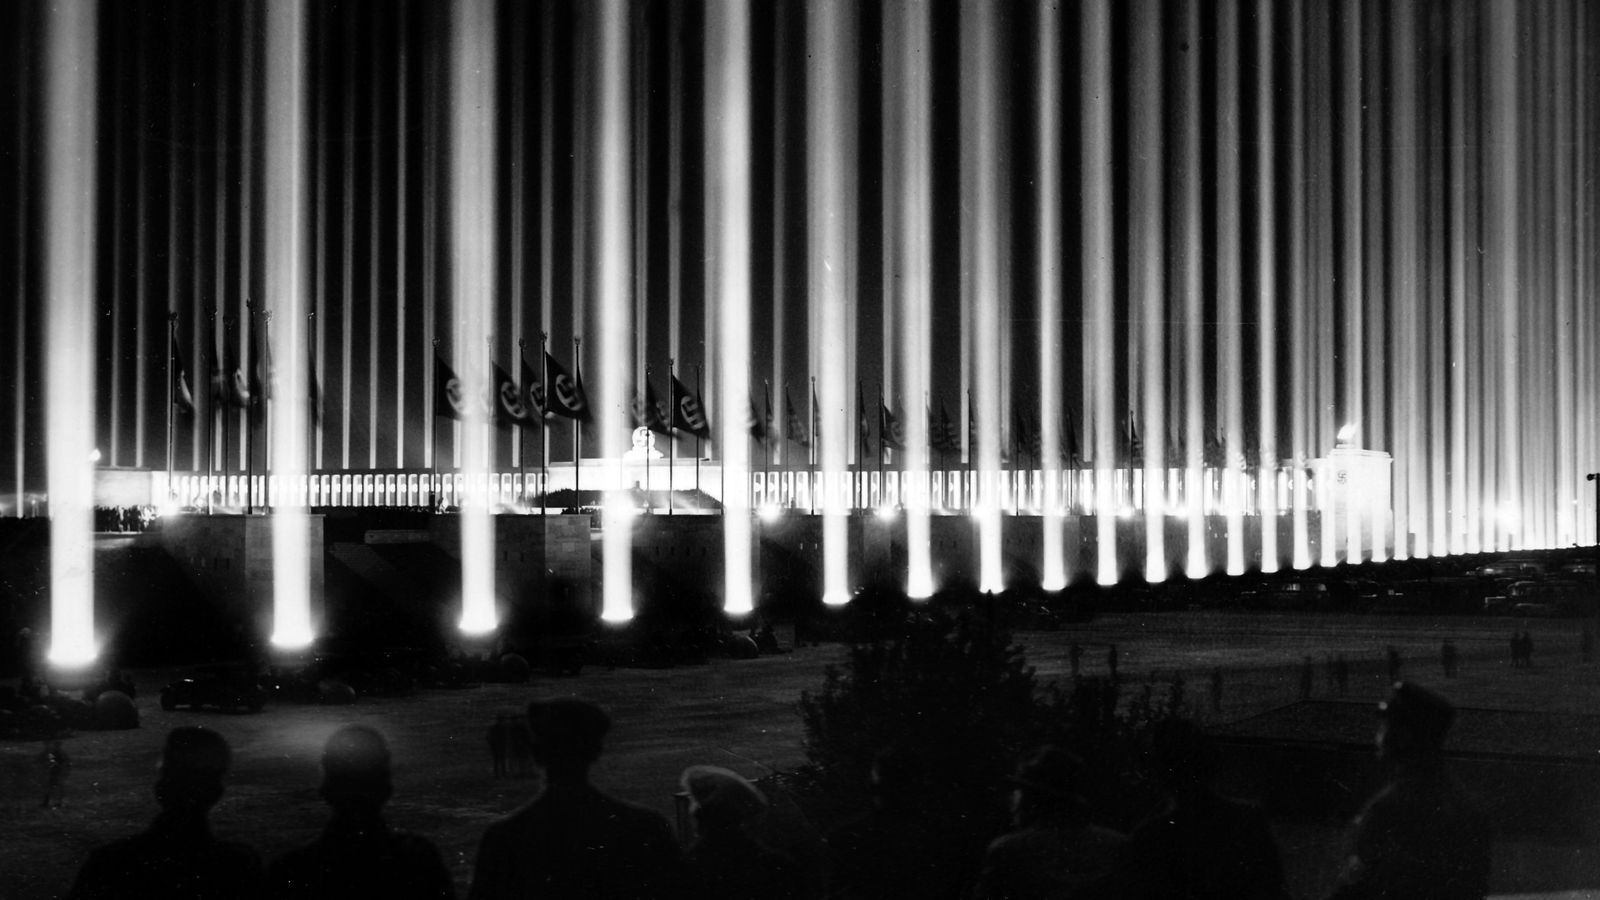 Foto: El congreso de Nuremberg en 1937. (Corbis)